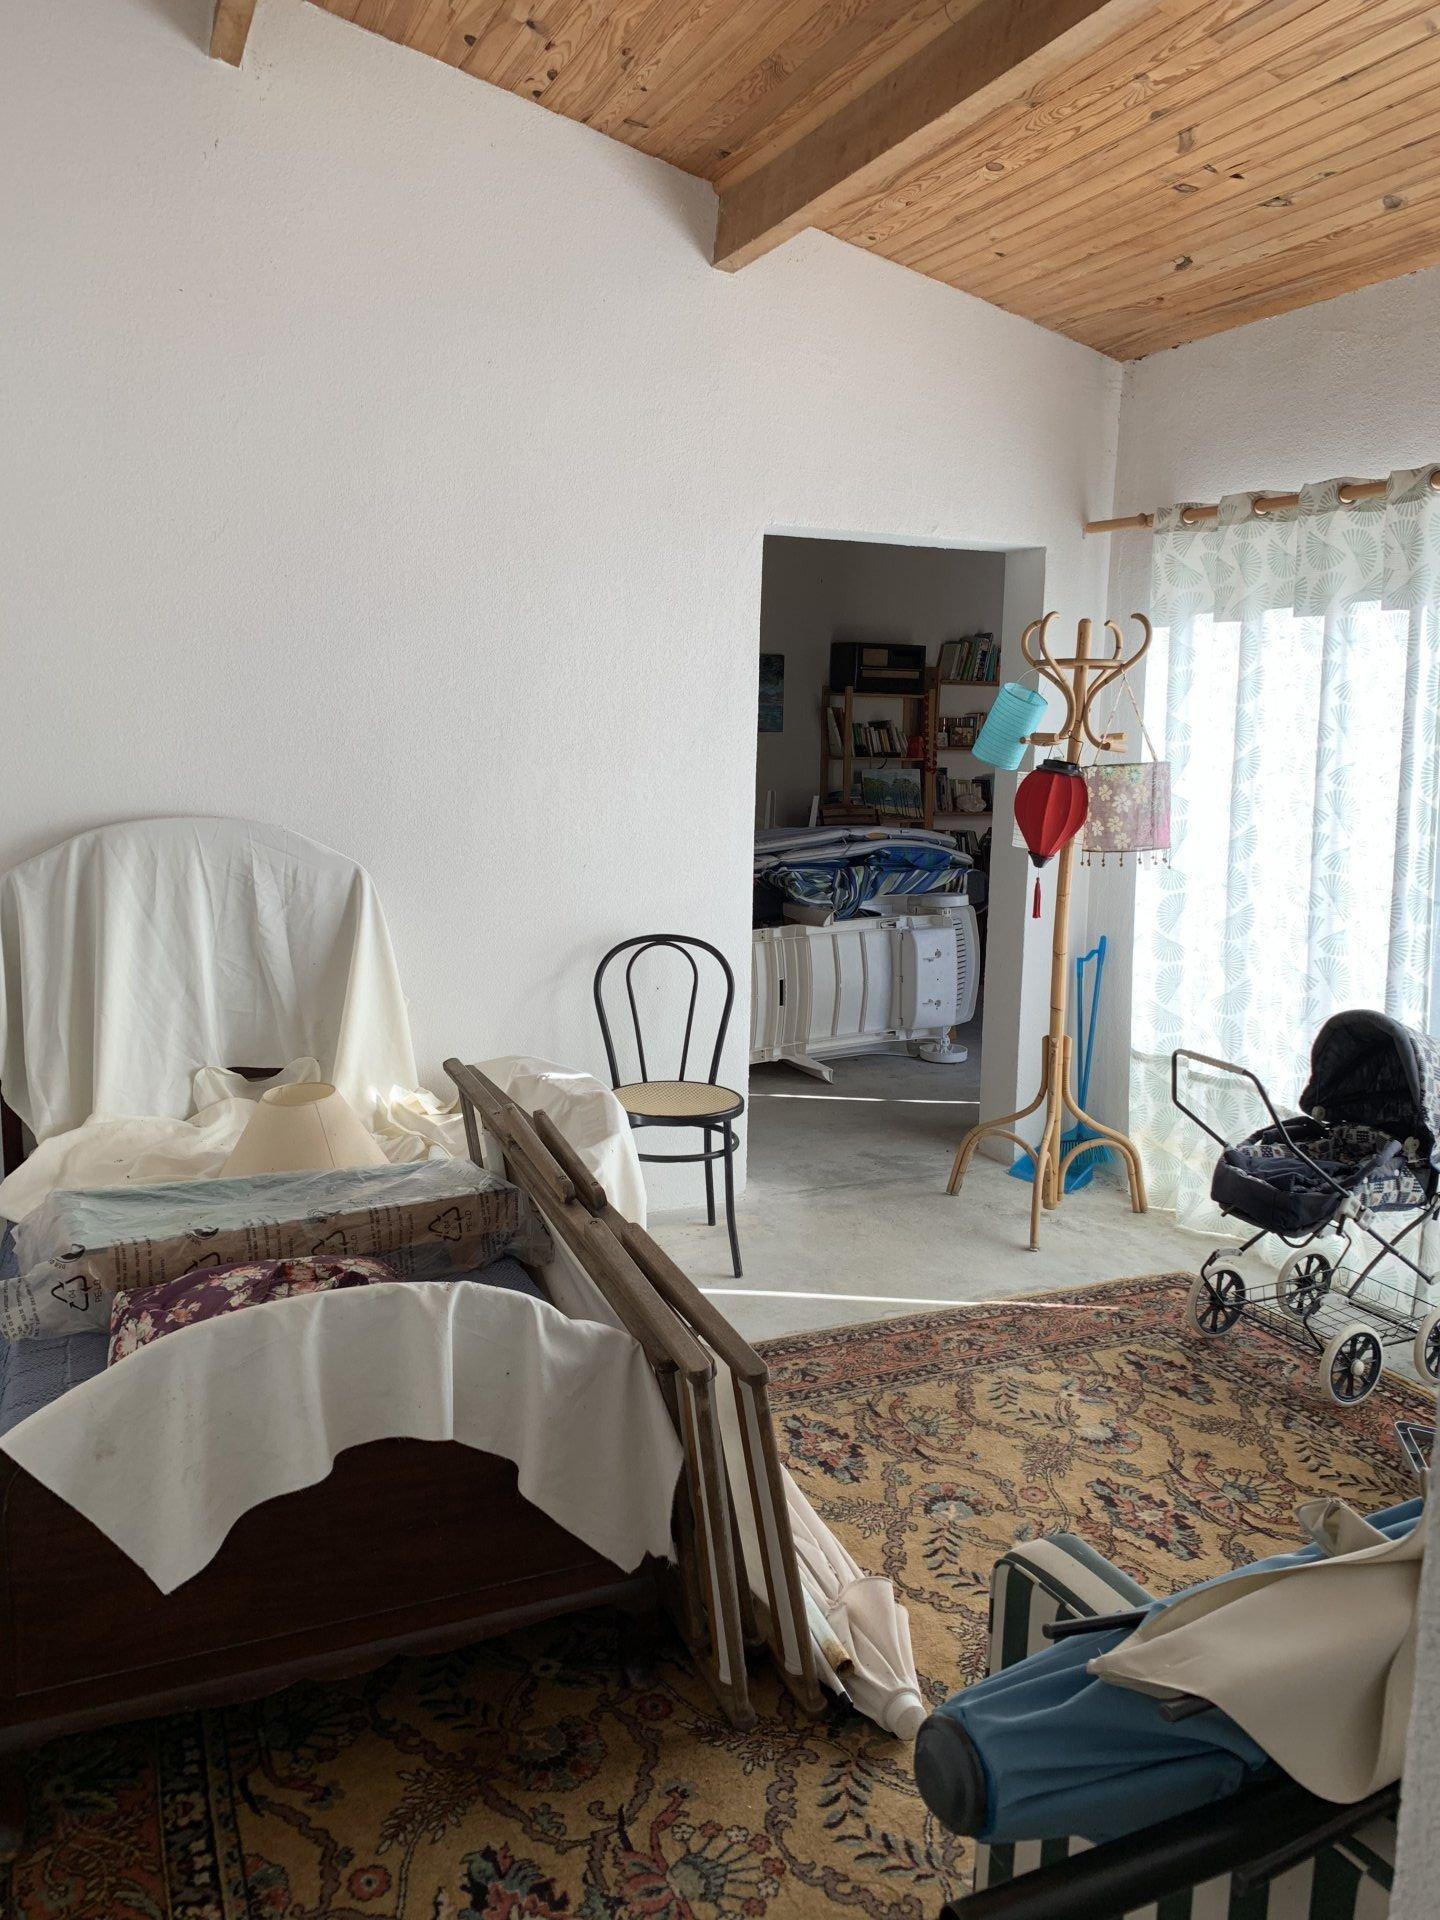 Maison au cœur du village de 5 chambres avec piscine et studio indépendant